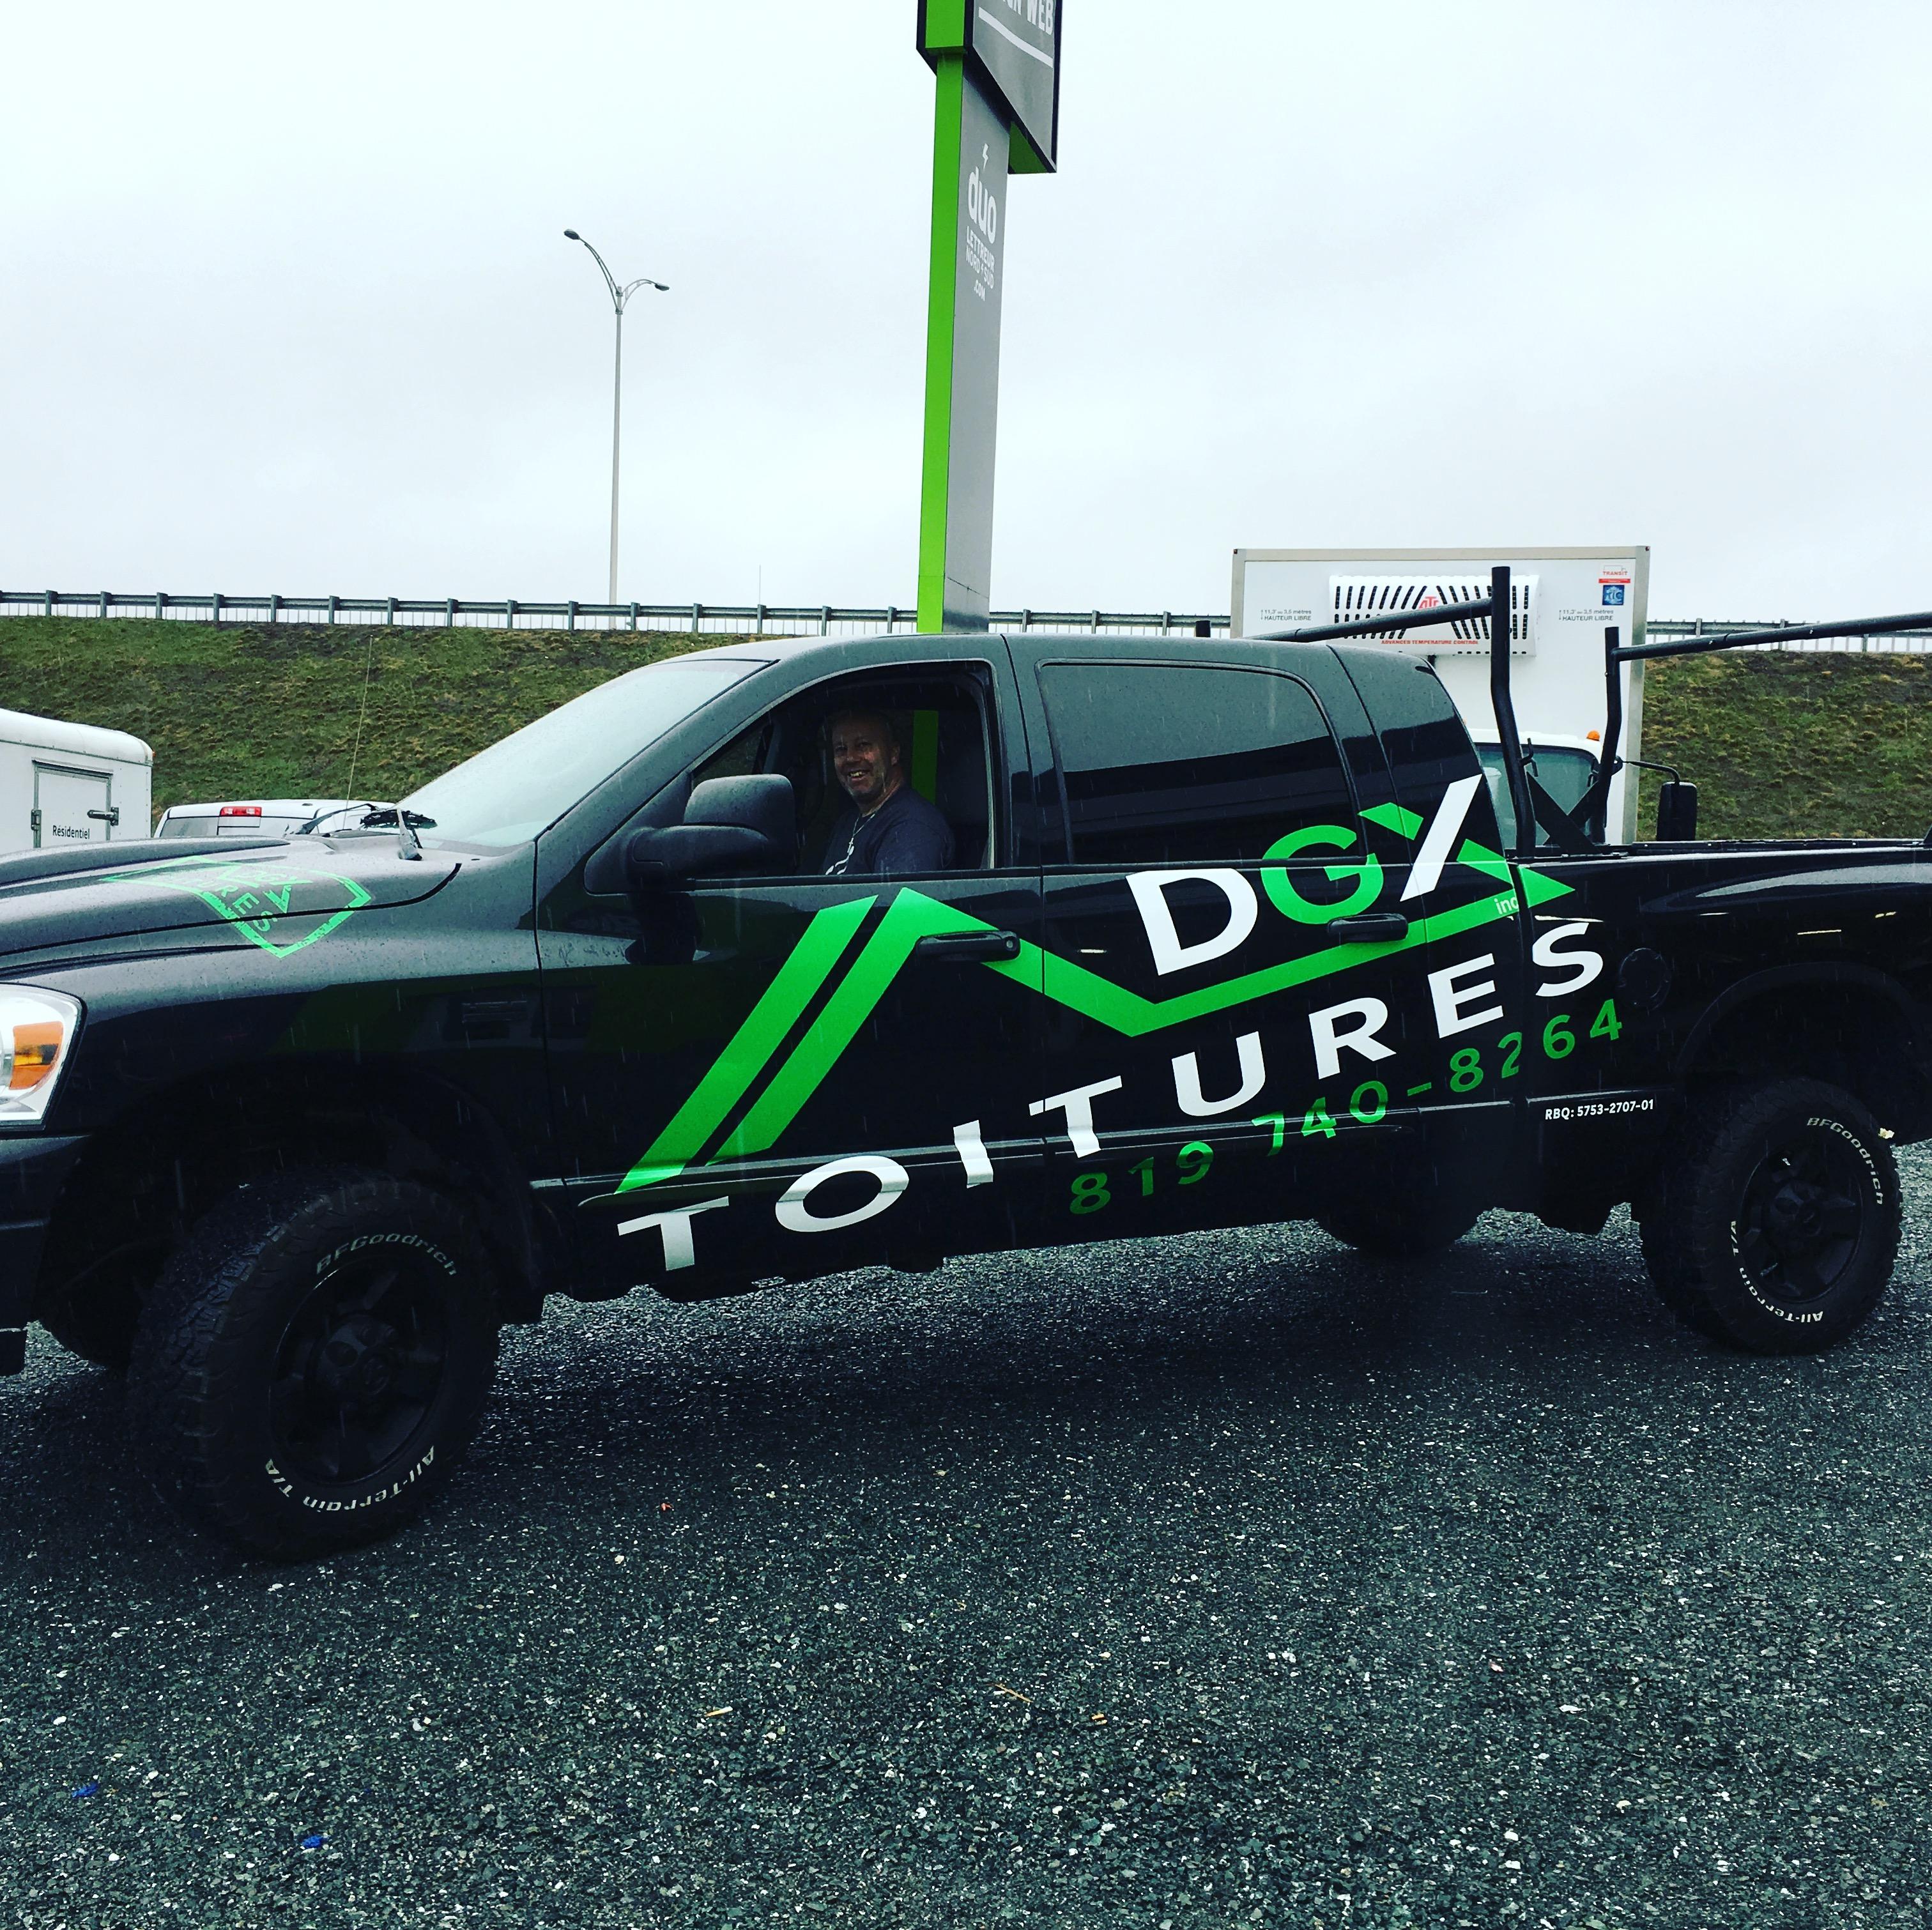 toitures-dgx-lettrage-camion